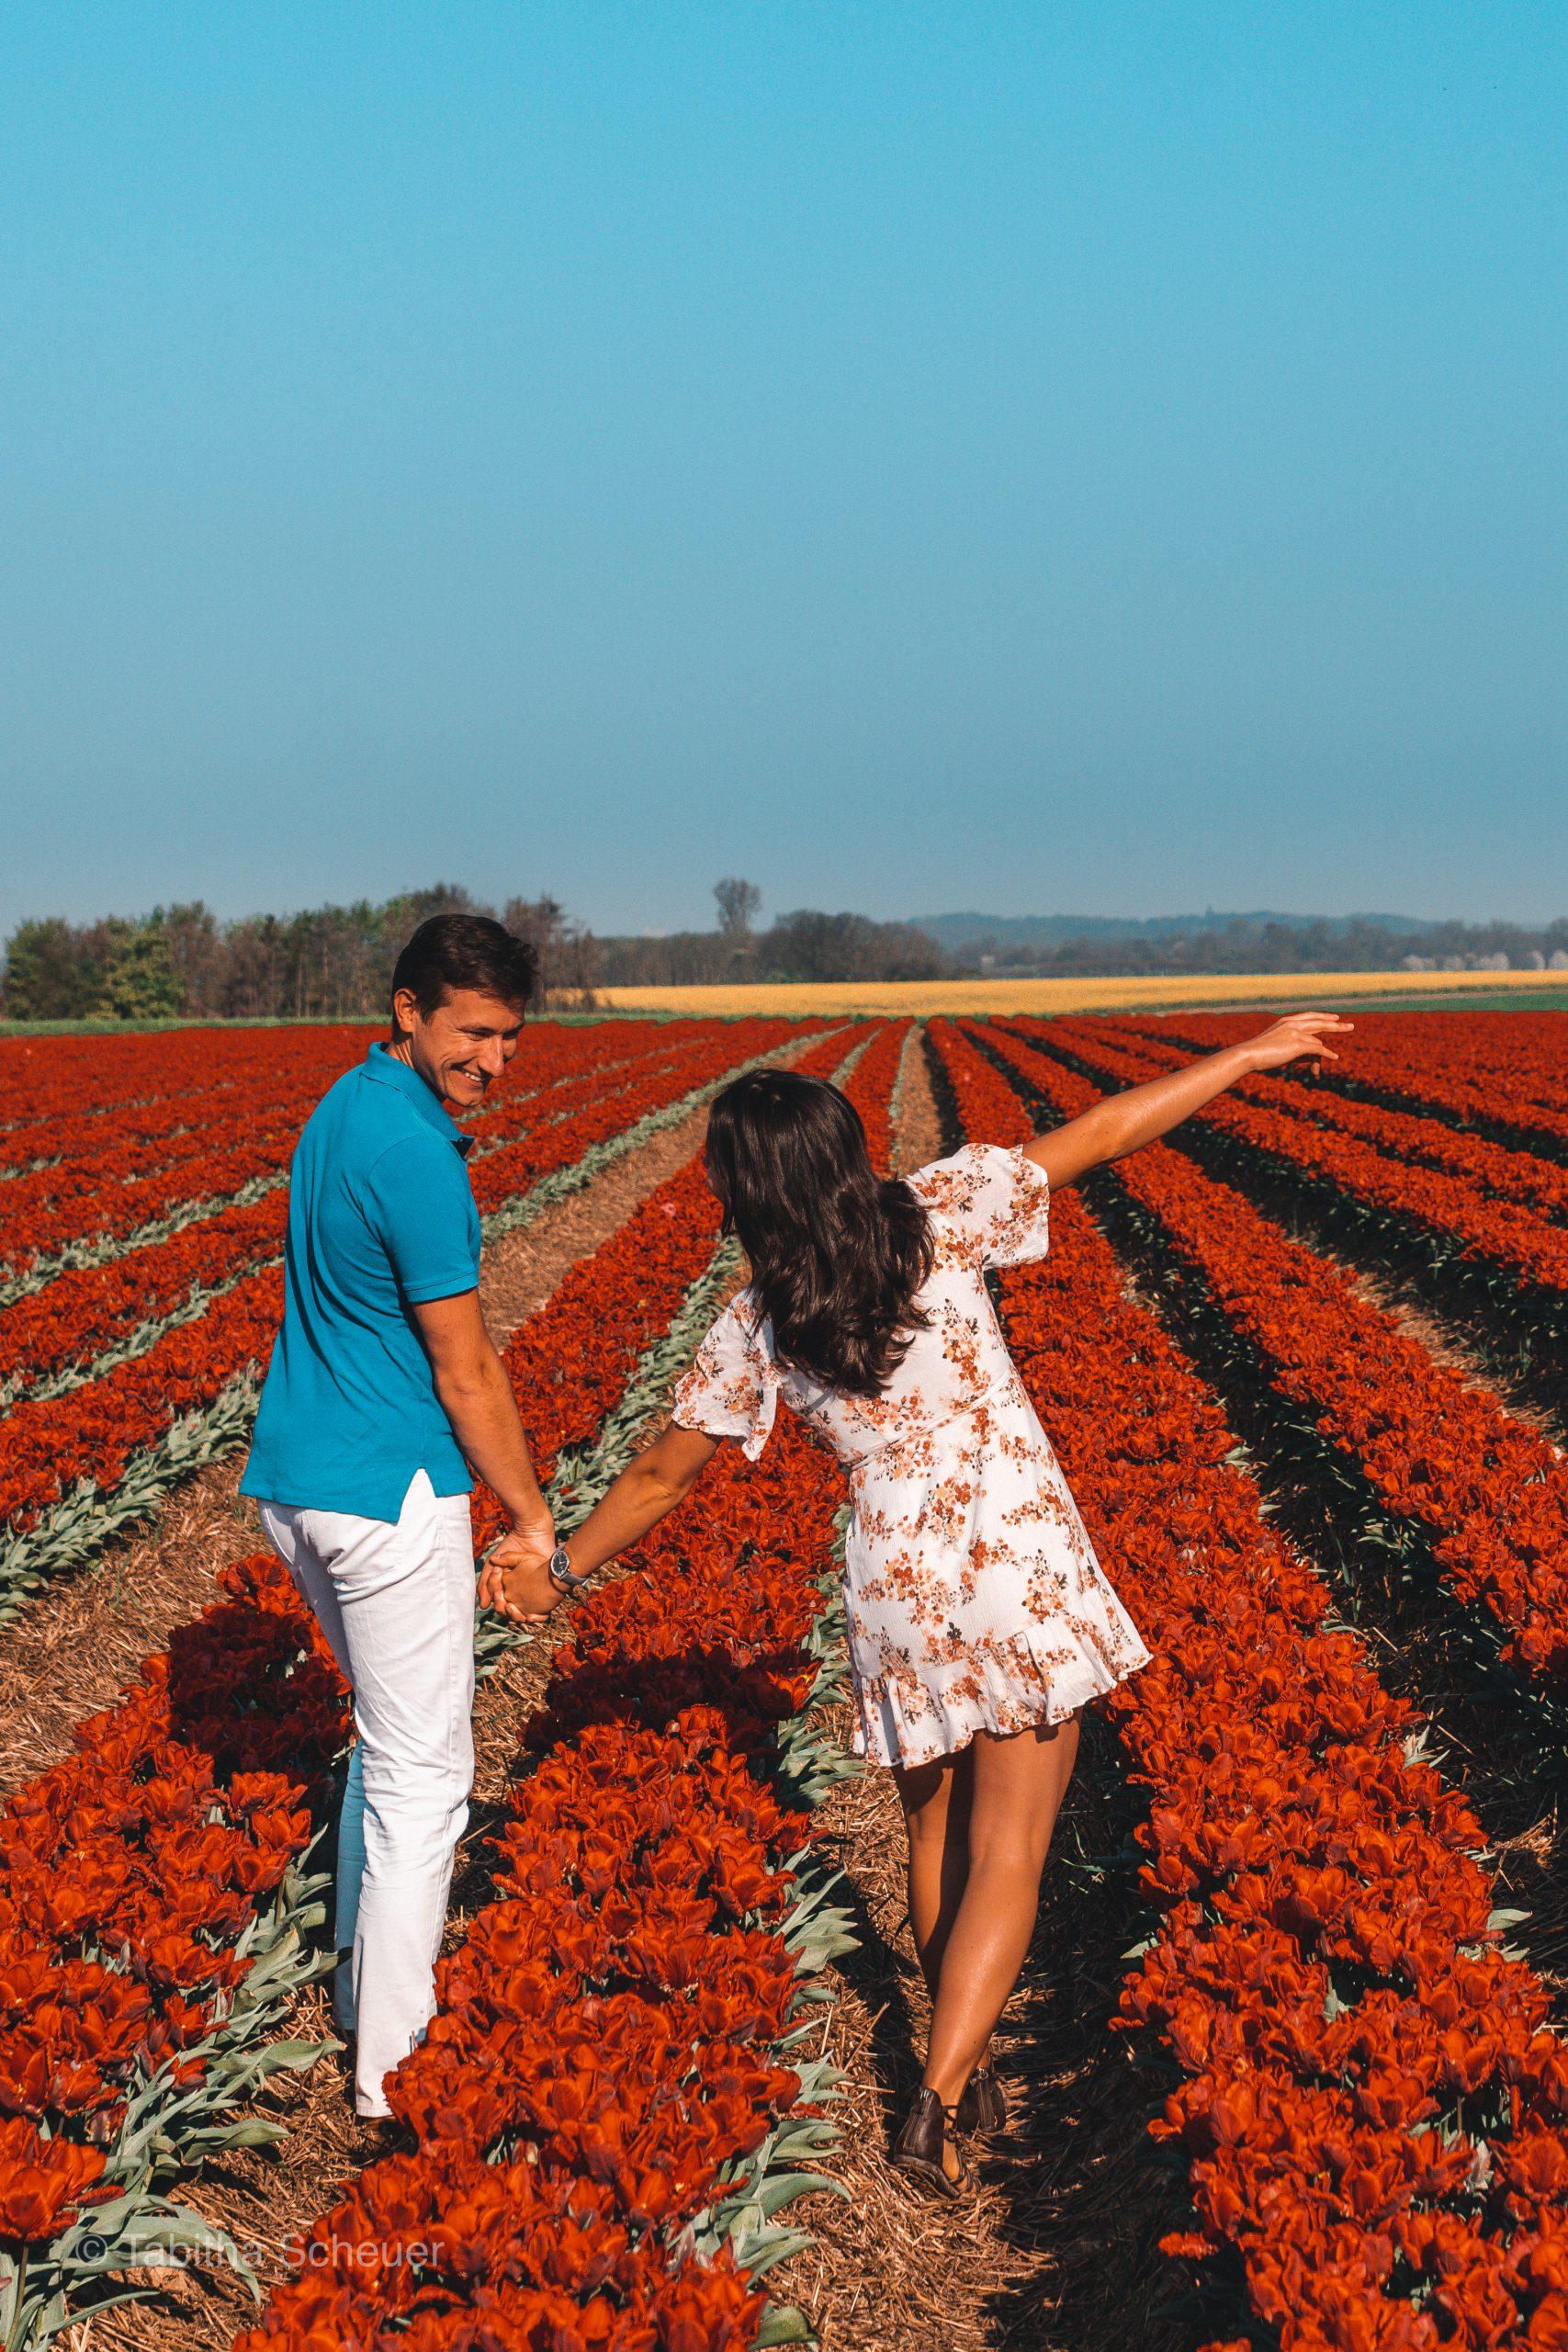 Tulips in Germany |Tulips Netherlands |Lisse | Tulips |Tulpen in Deutschland |Niederlande Tulpen |Tulpen in Holland |Travel Couple |Best Travel Couple